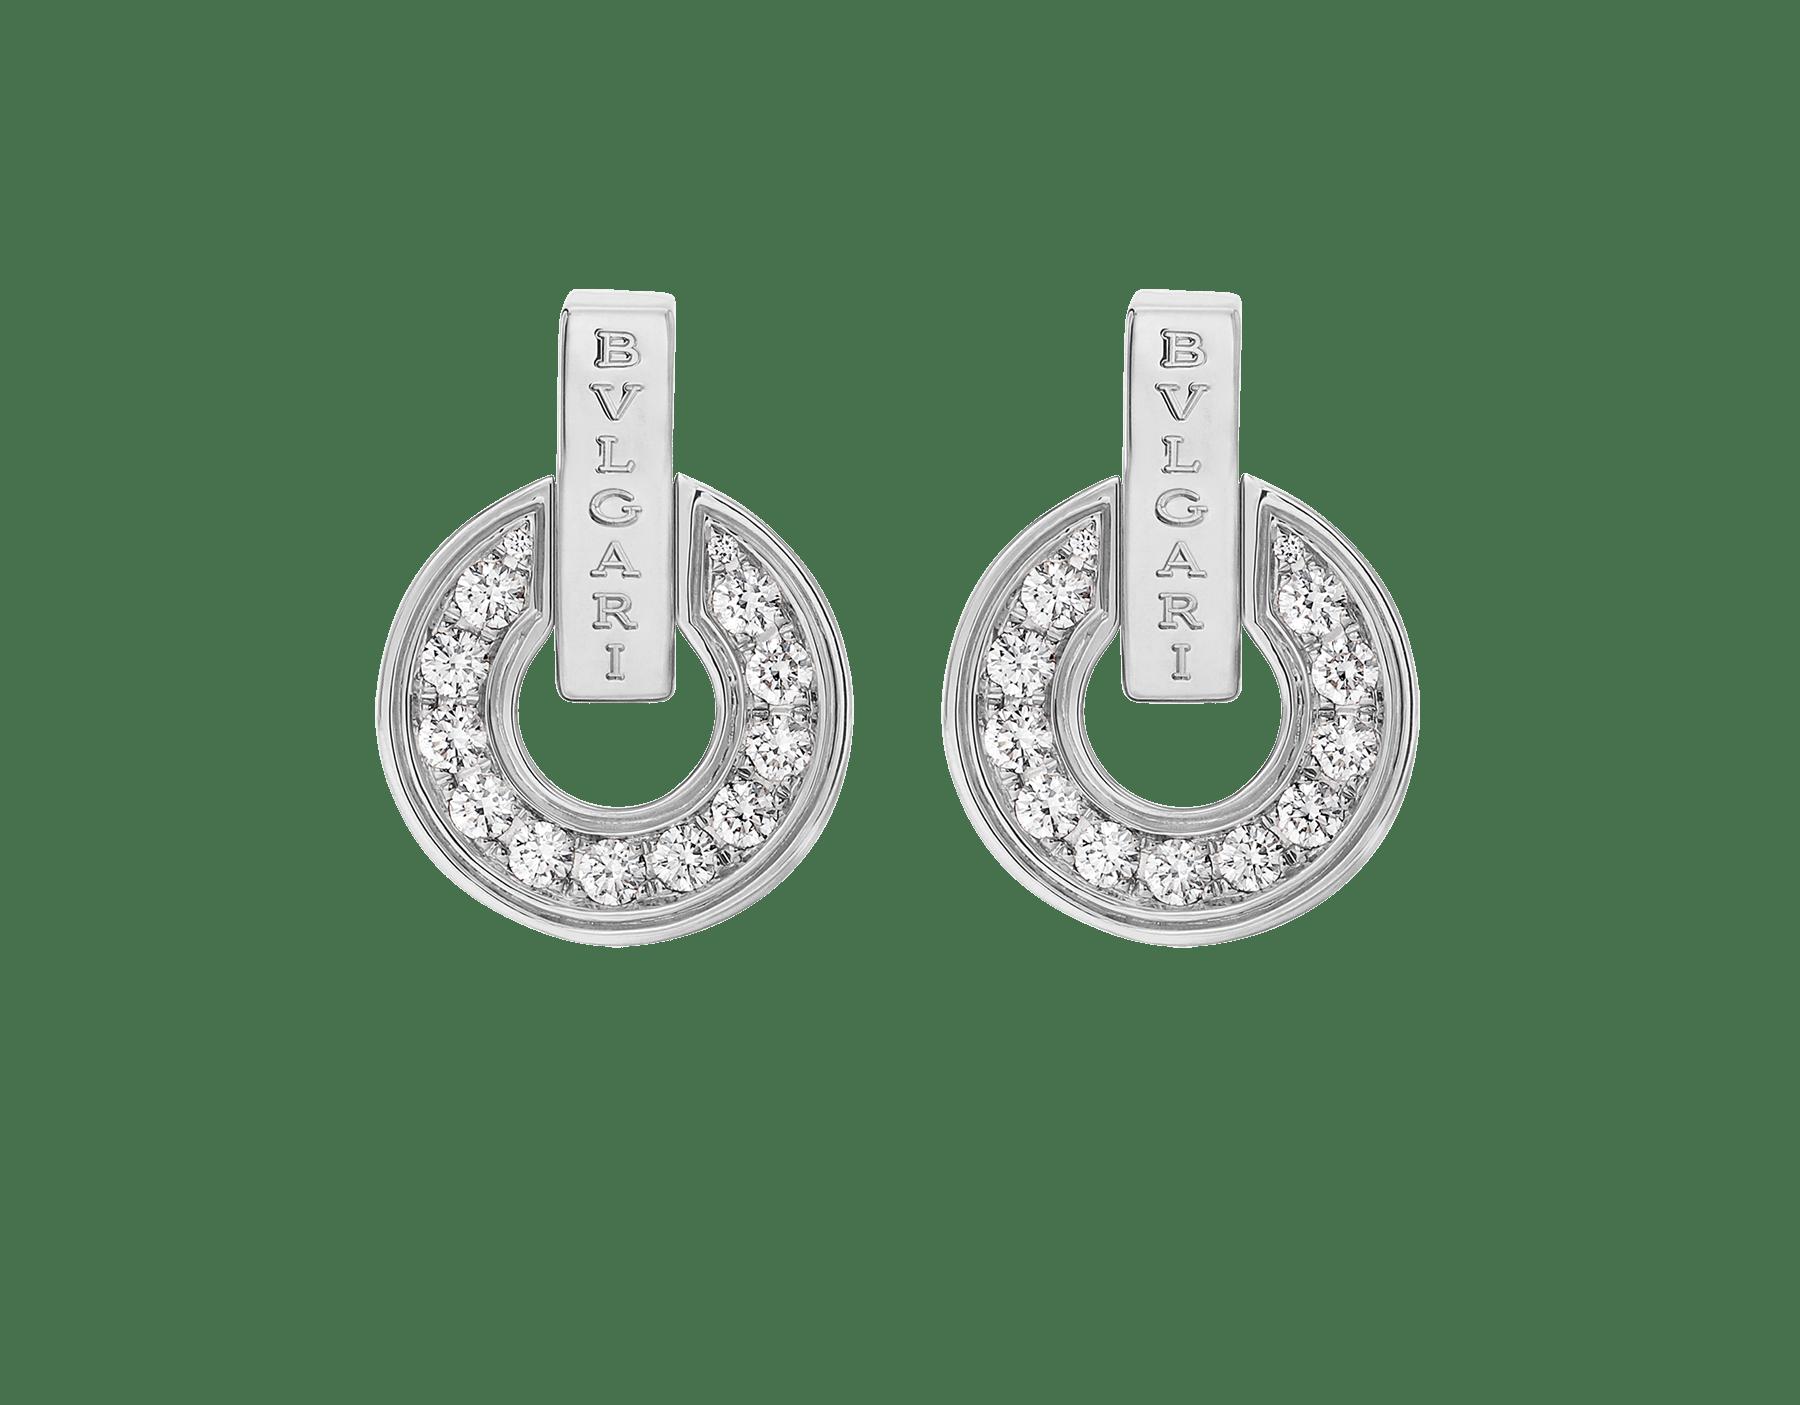 Boucles d'oreilles ajourées BVLGARIBVLGARI en or blanc 18K avec pavé diamants 357940 image 1